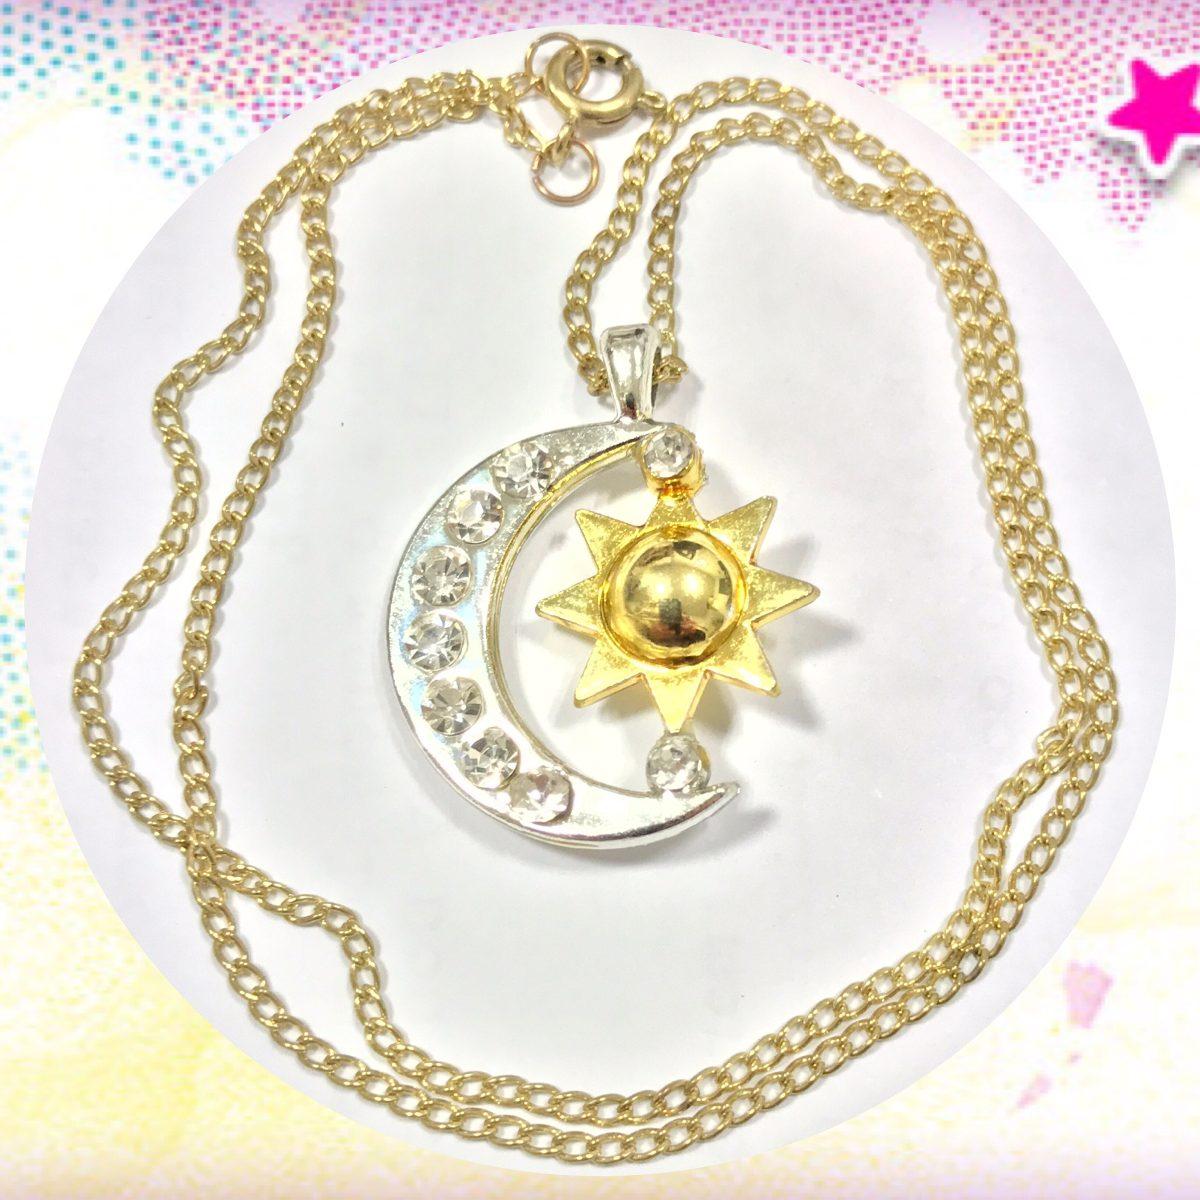 venta online suave y ligero diseño atemporal Soy Luna Collar Cadenita Colgante Medallita Dije Luna C/ Sol